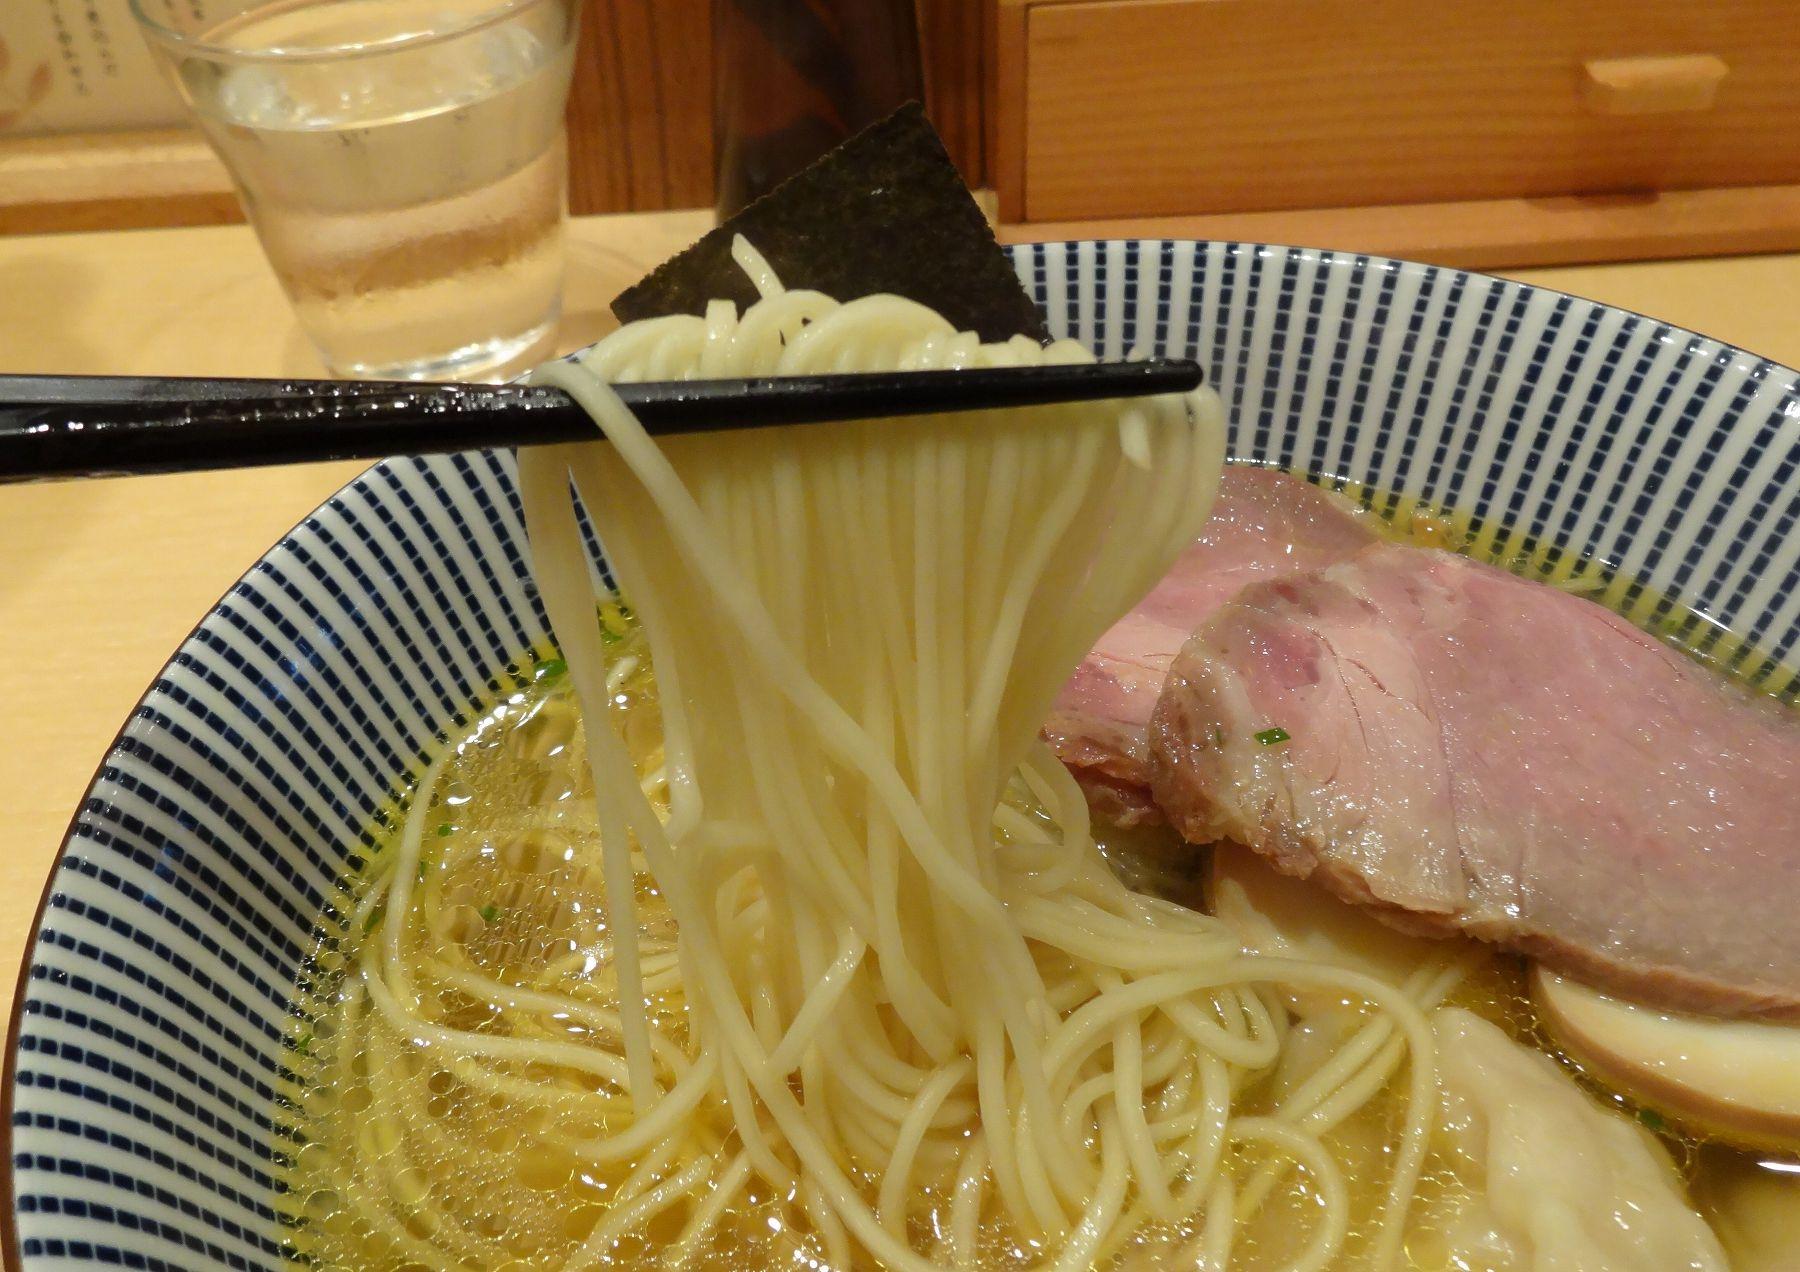 20121031002kuroki.jpg